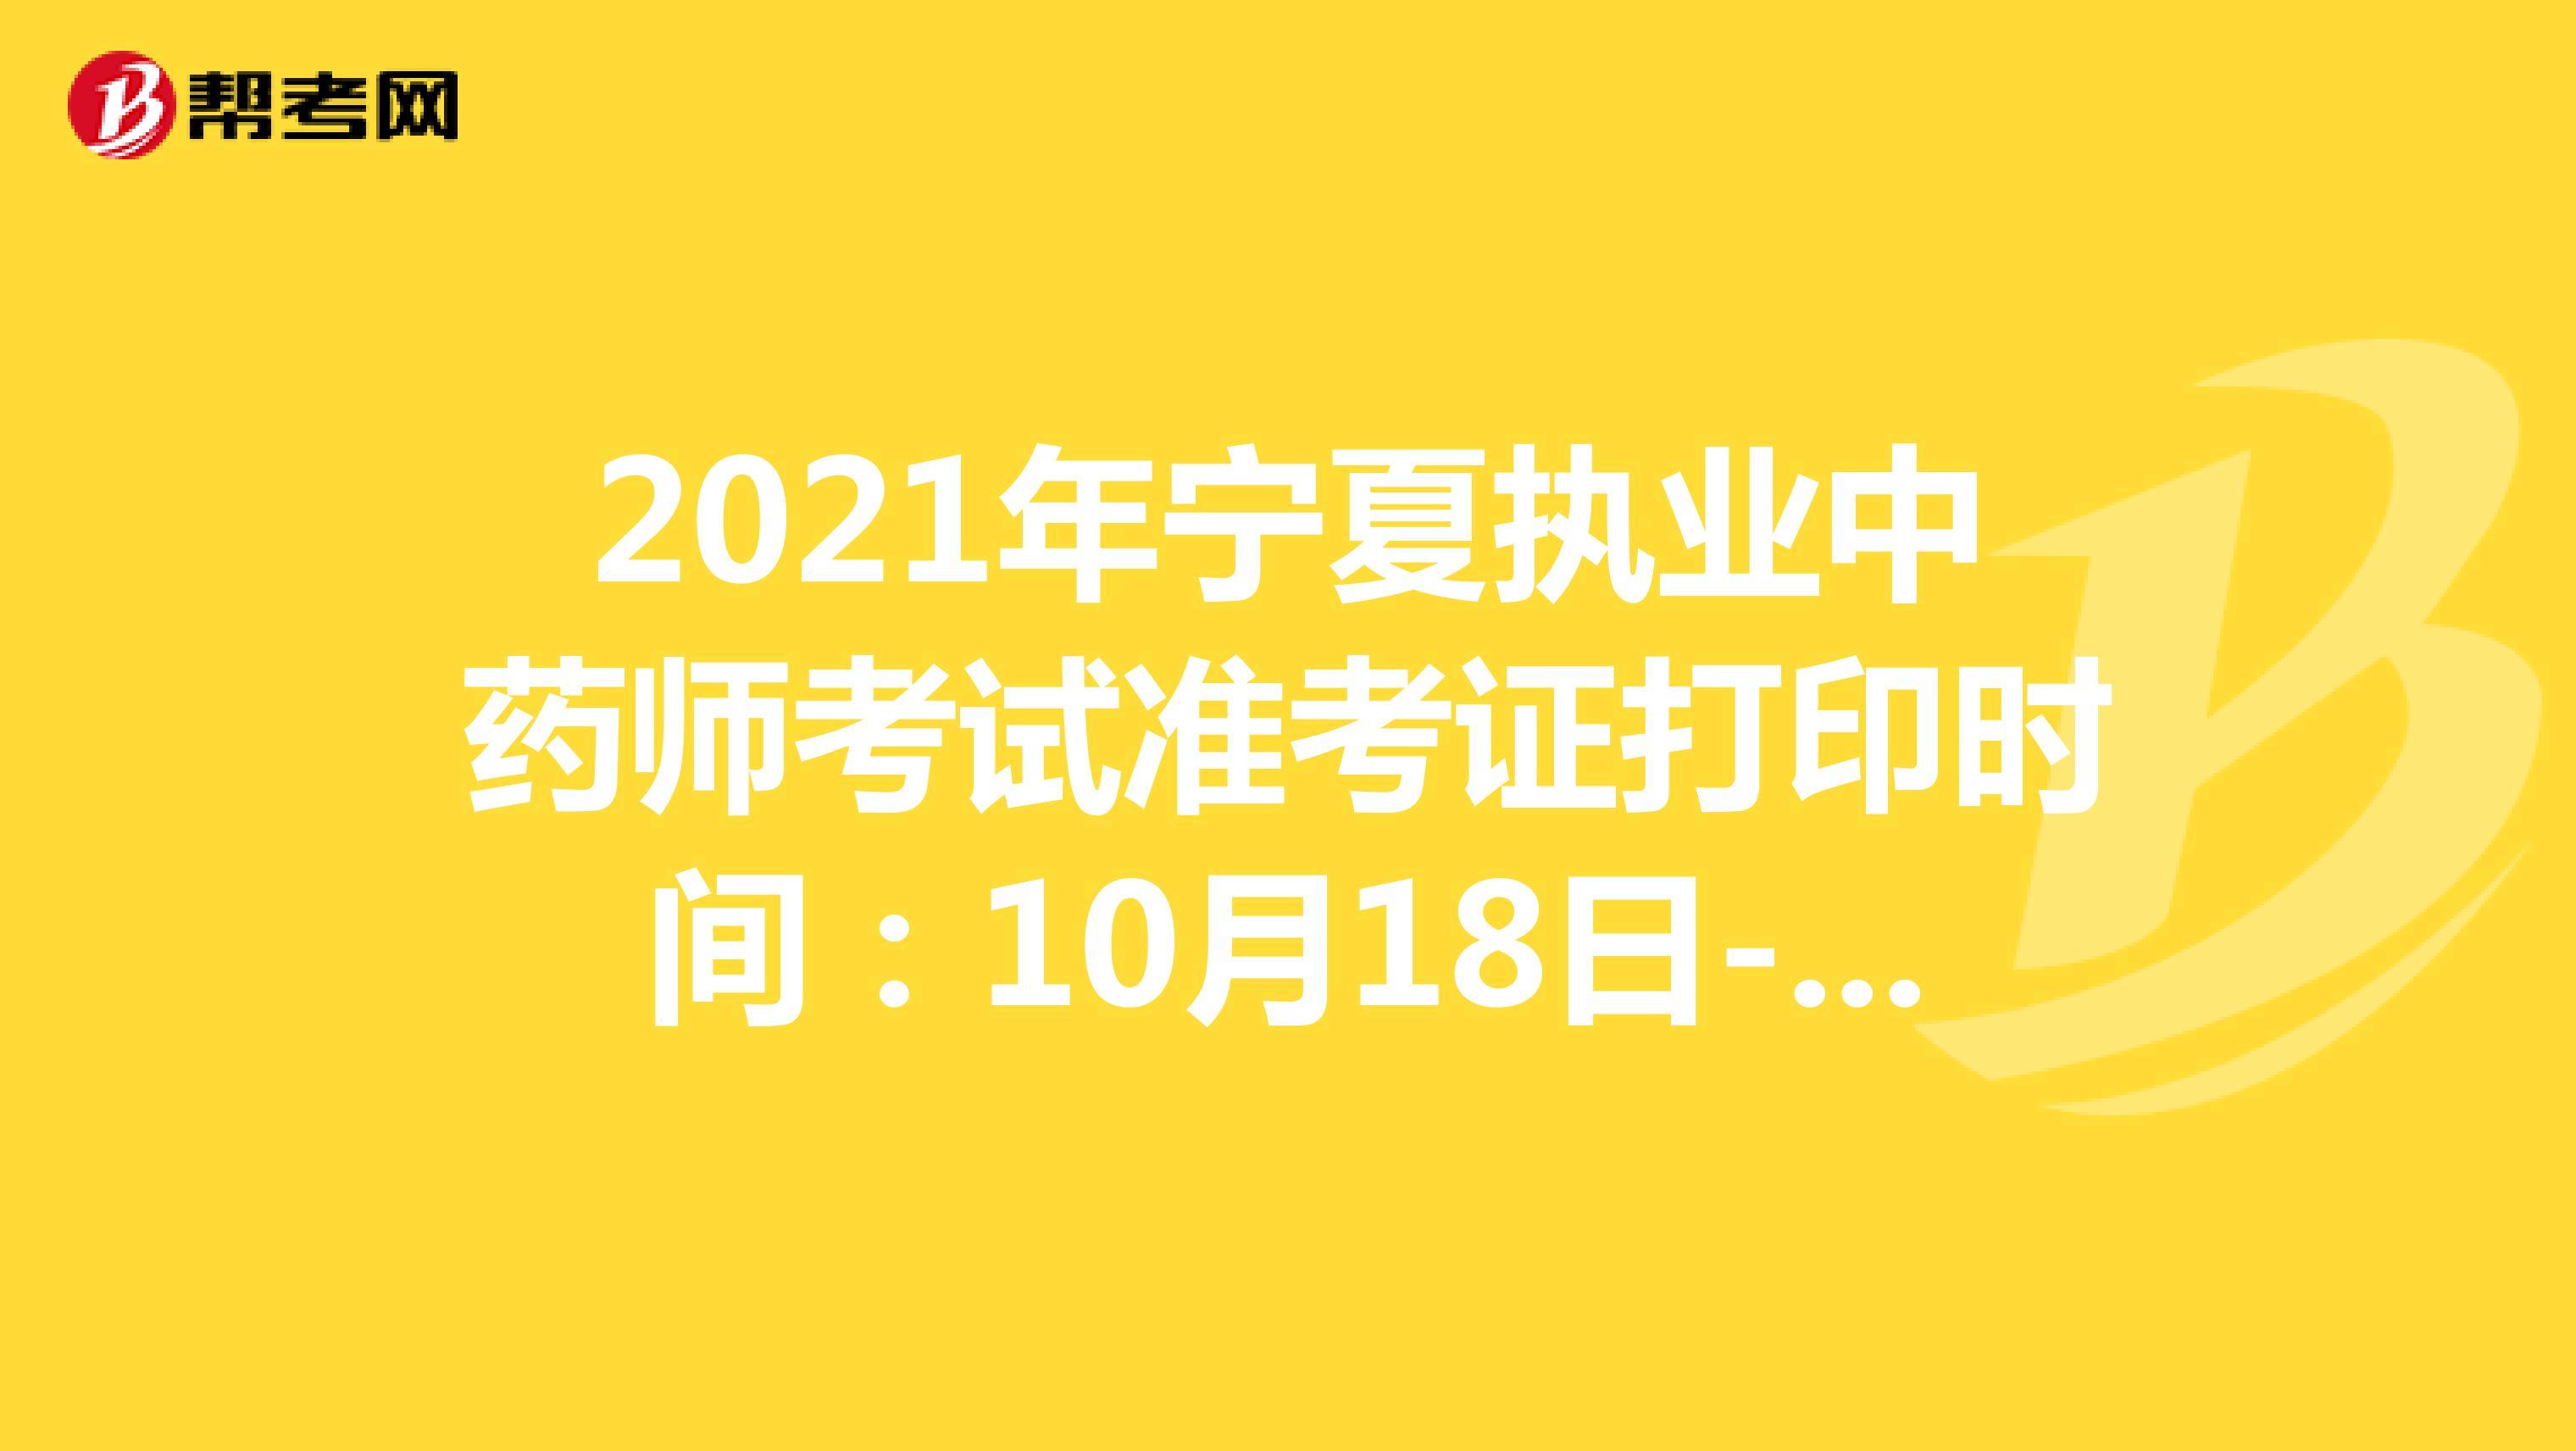 2021年宁夏执业中药师考试准考证打印时间:10月18日-10月24日